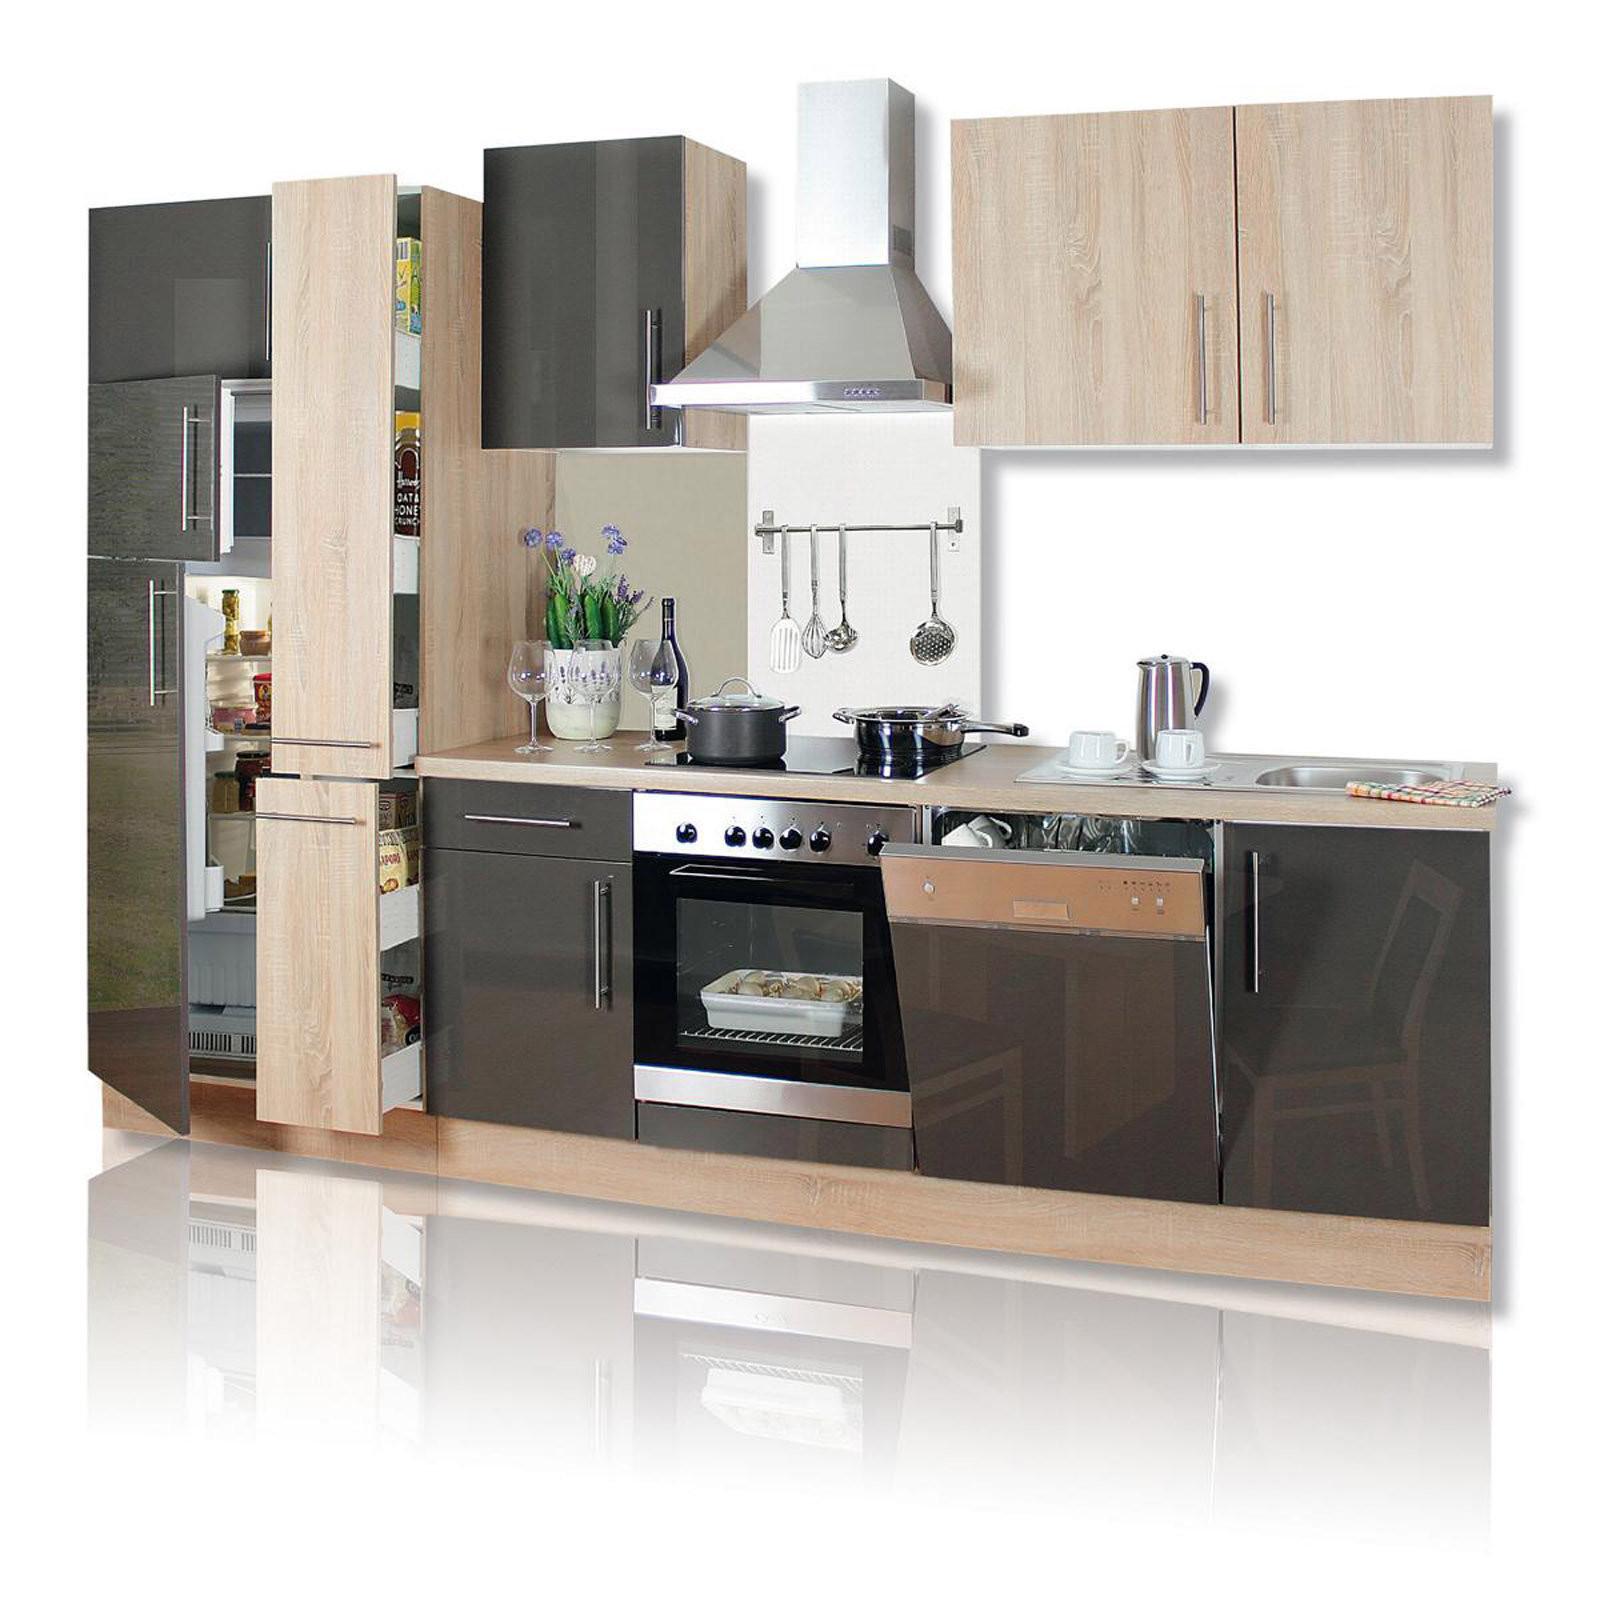 Küchenzeile Roller  Einbauküche roller – Konyhai eszközök